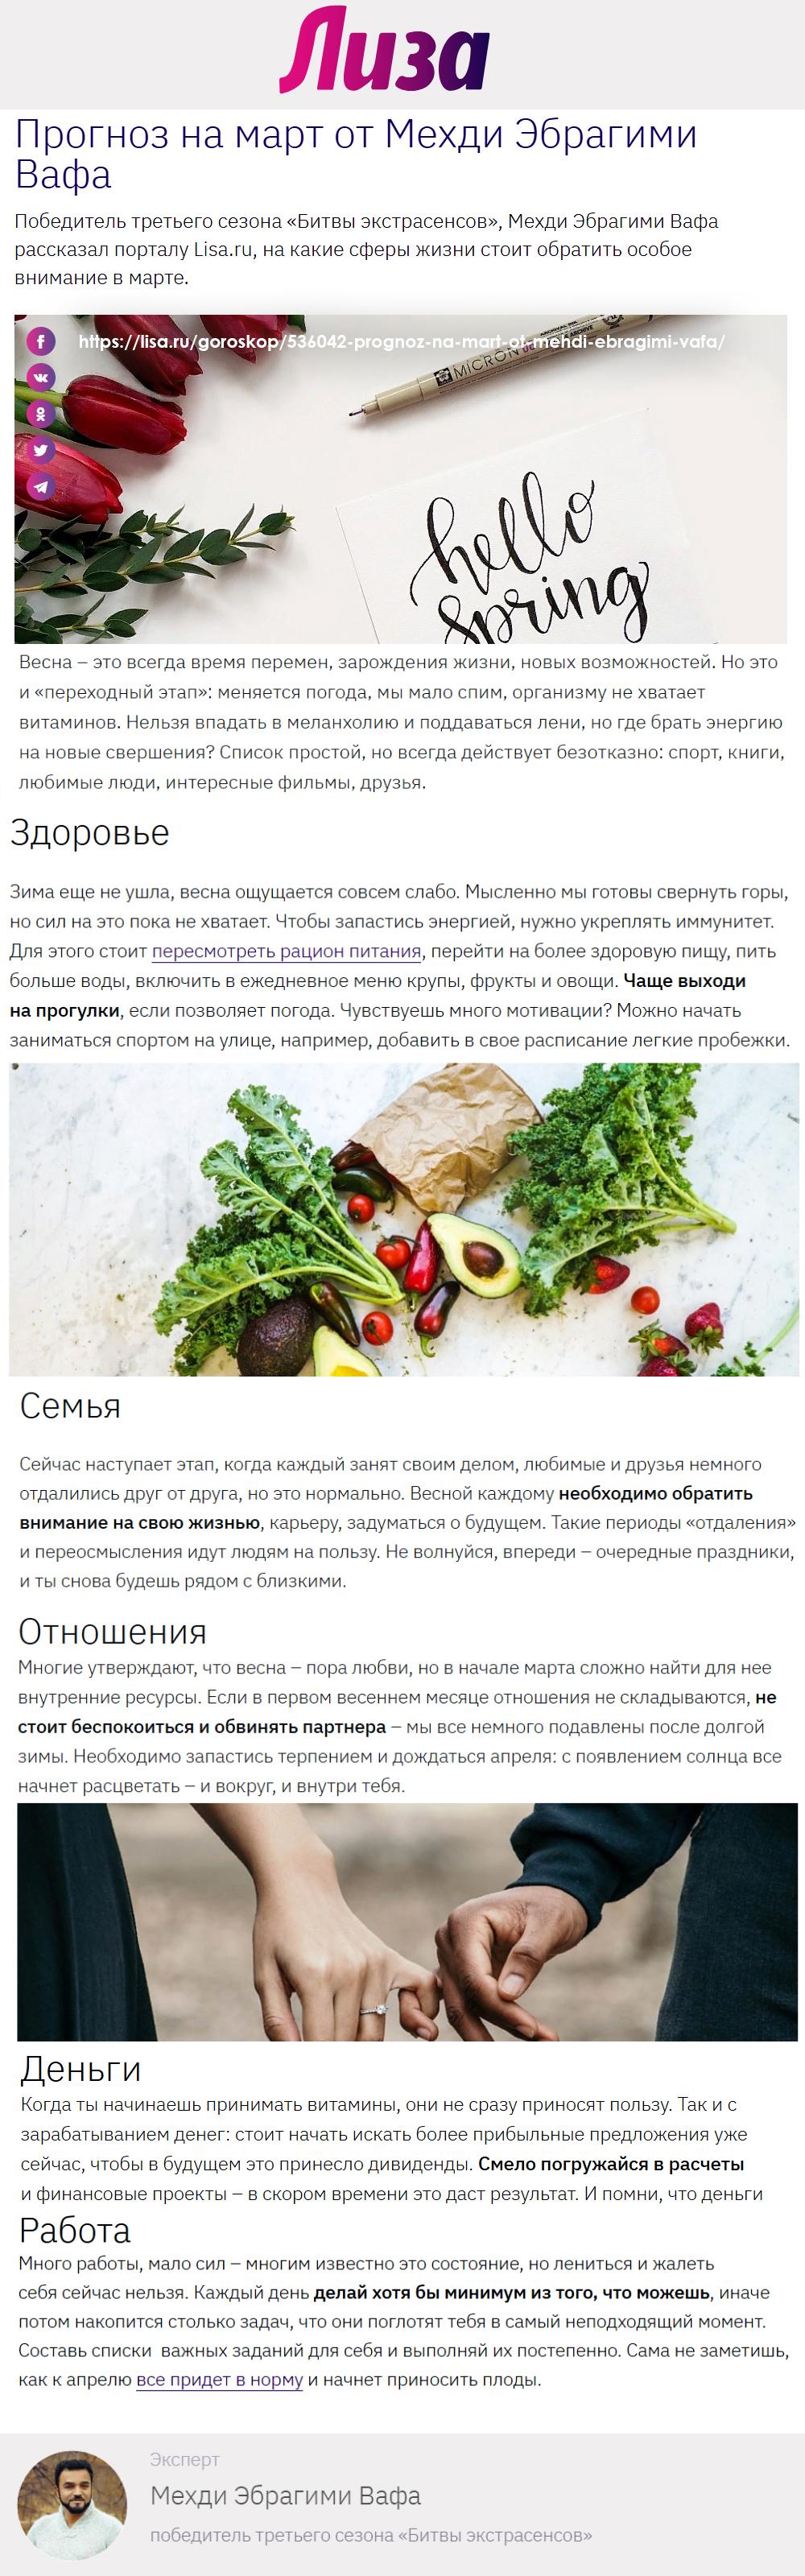 lisa.ru: Прогноз на март от Мехди Эбрагими Вафа